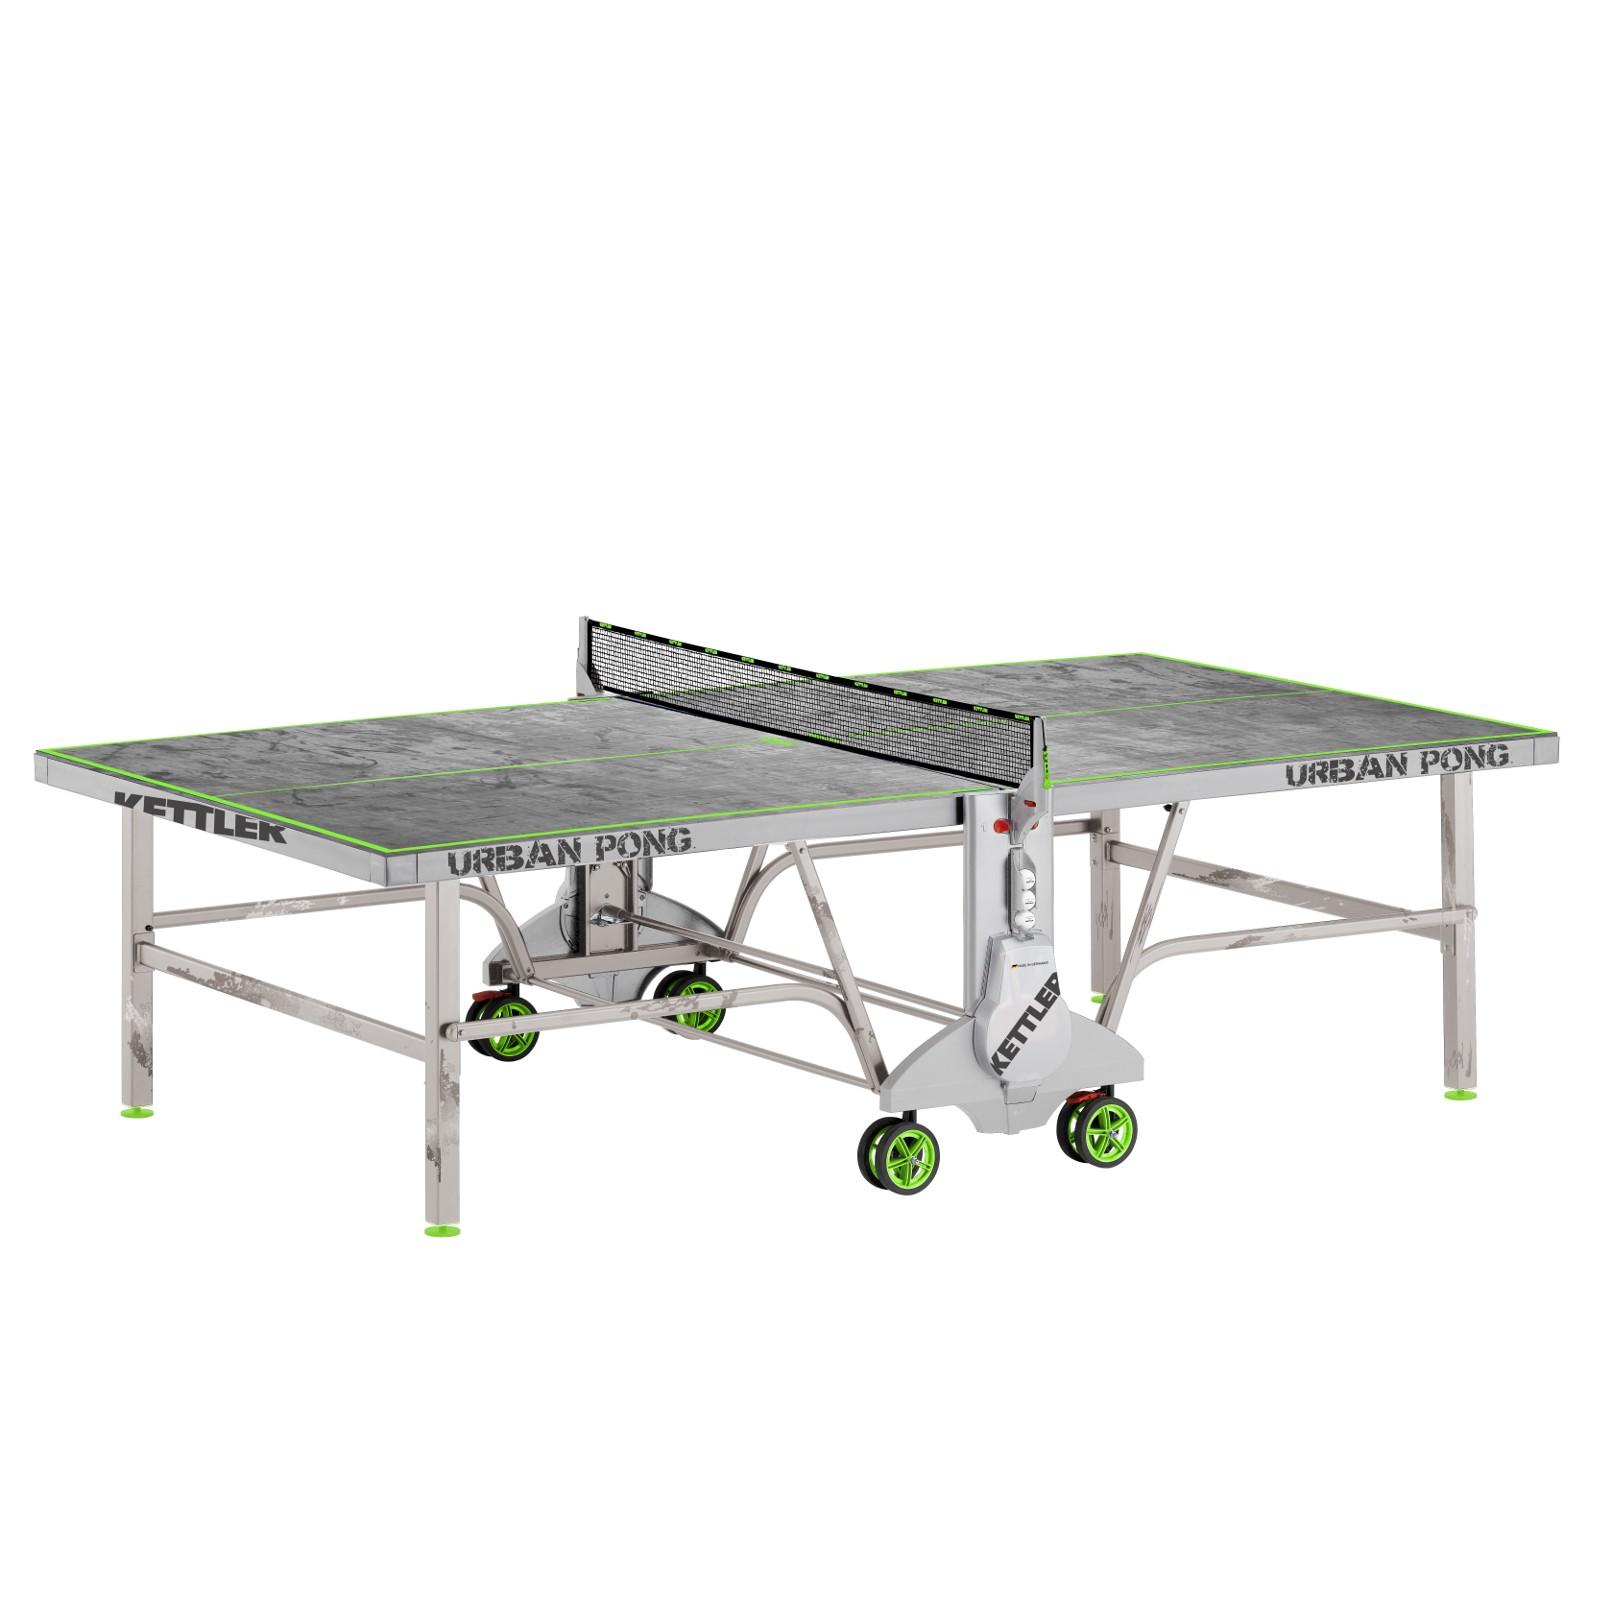 Logistica e trasporti tutte le offerte cascare a fagiolo - Forum tennis tavolo toscano ...